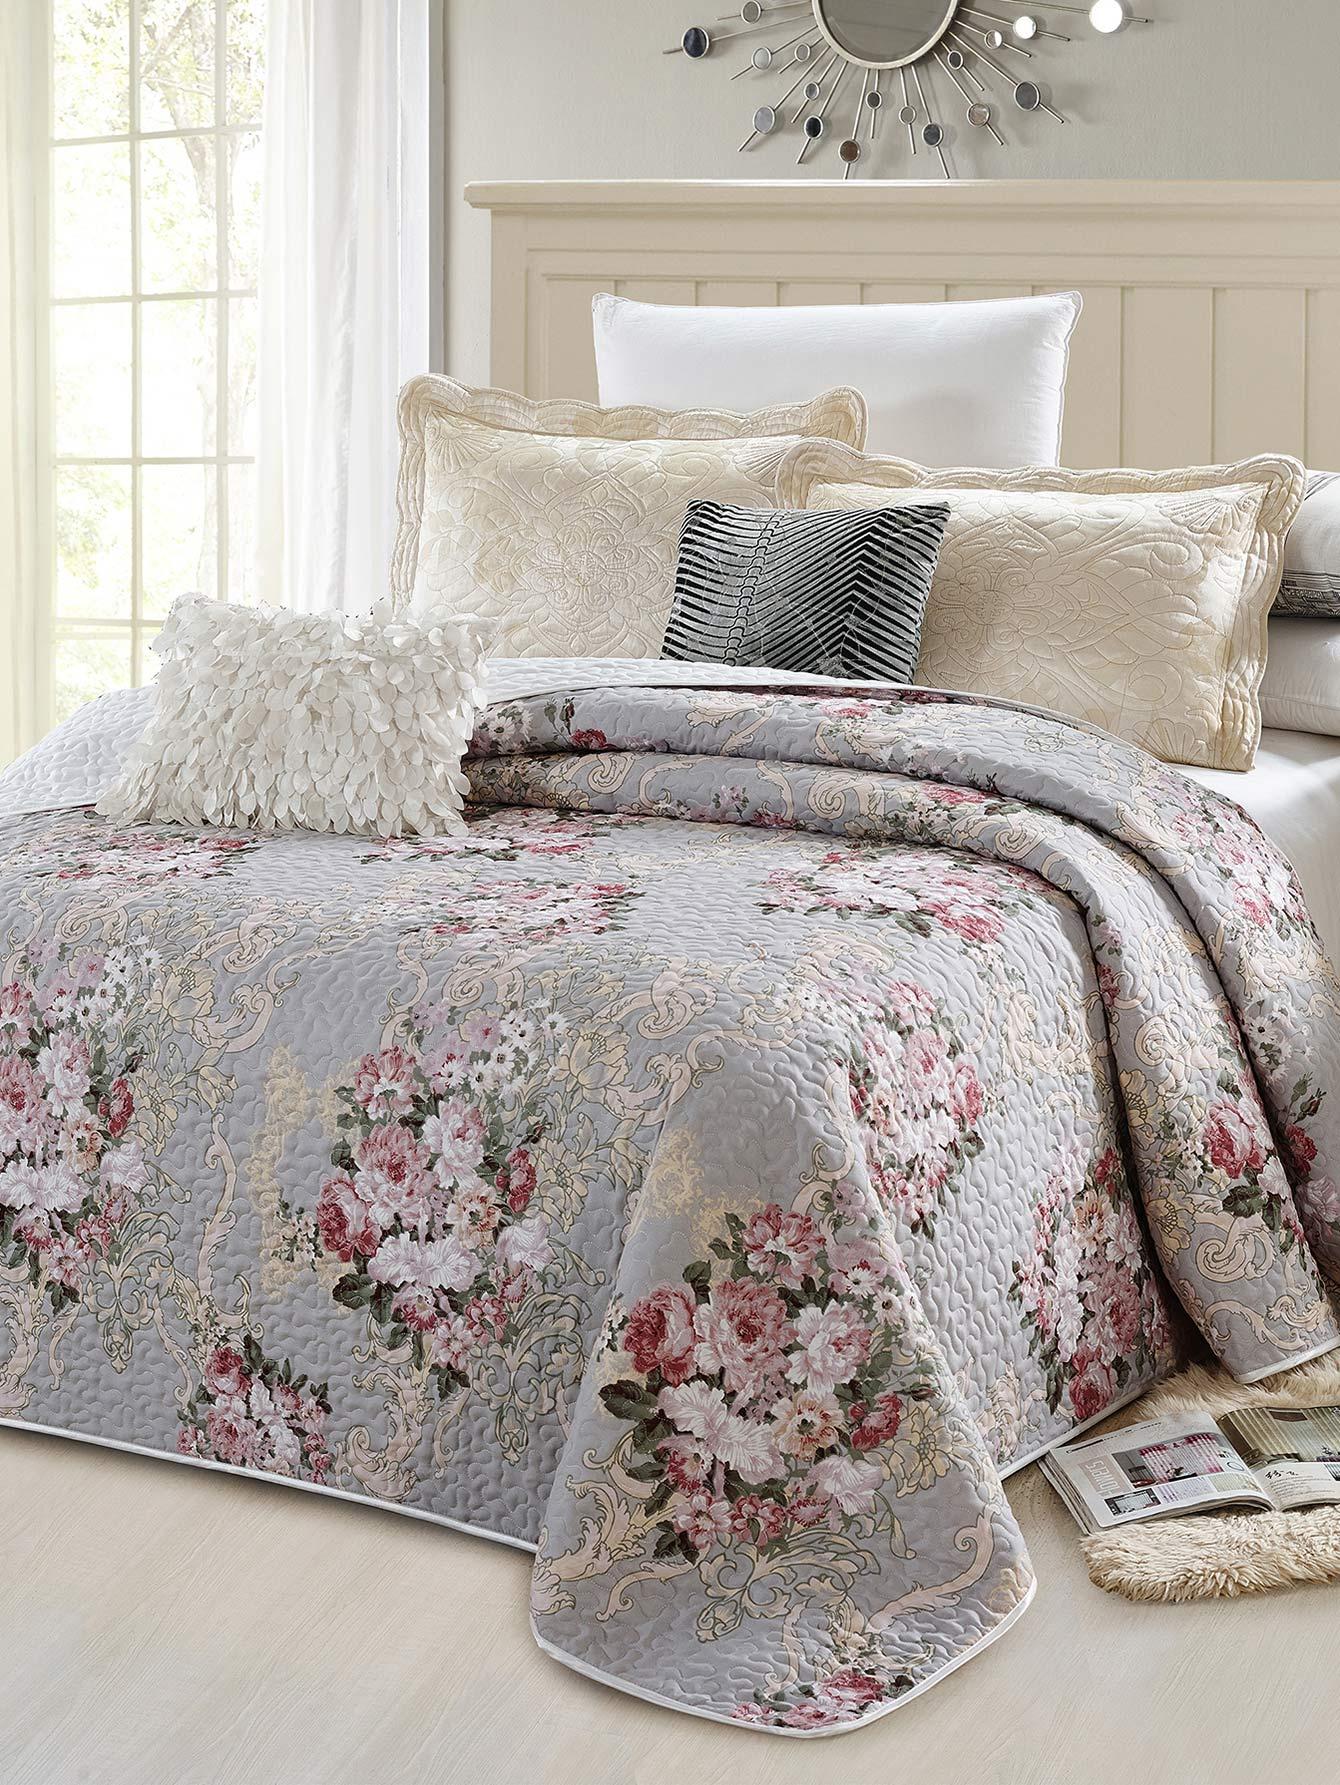 couvre lit imprim fleur french shein sheinside. Black Bedroom Furniture Sets. Home Design Ideas